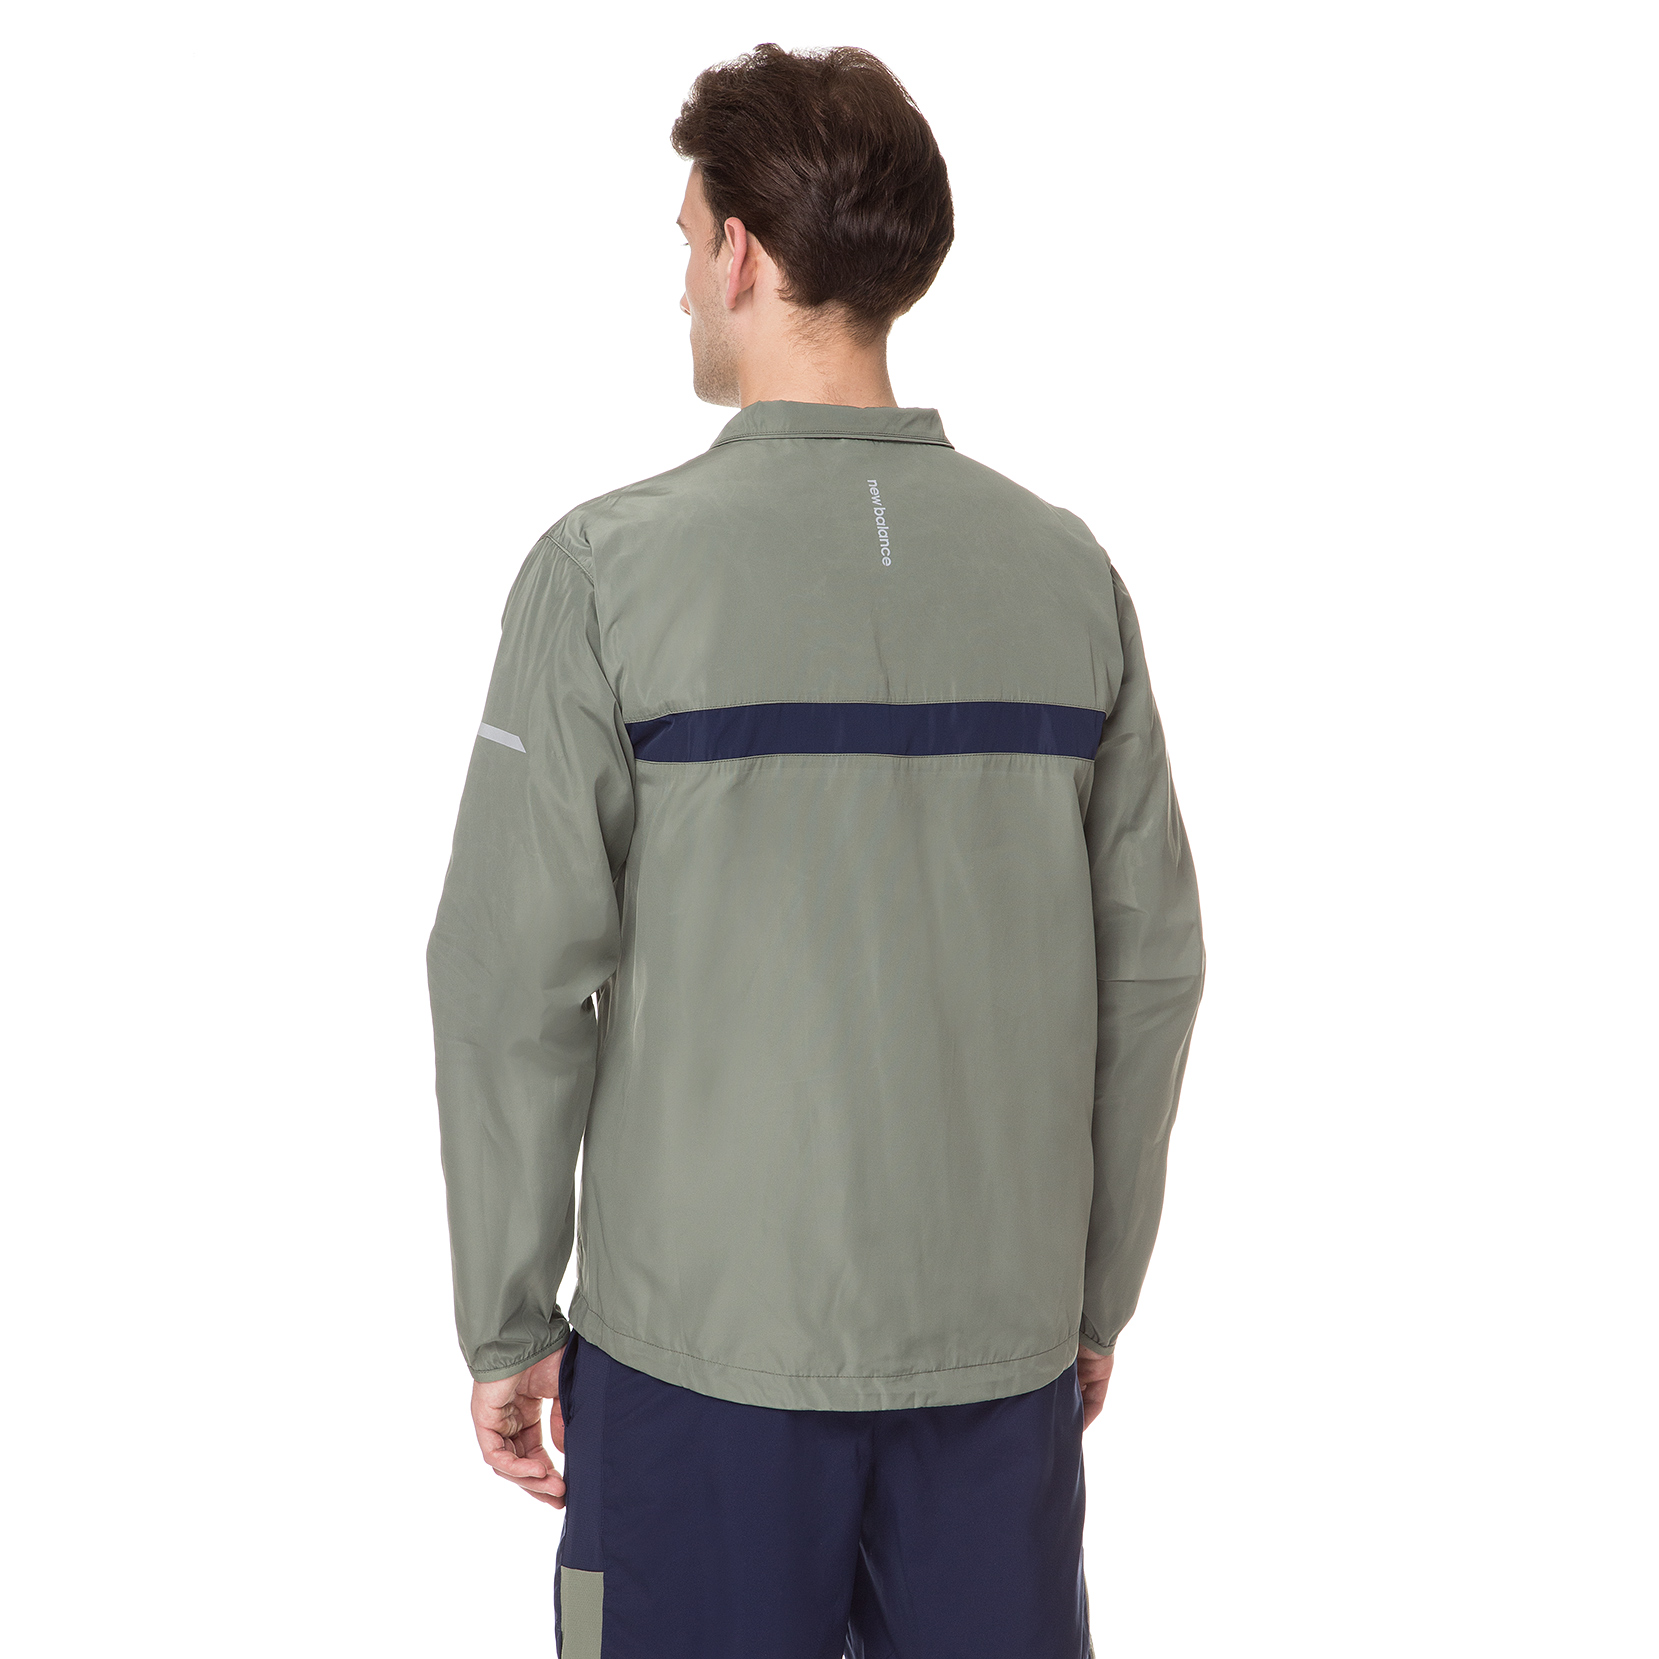 Вітрозахисна куртка Windcheater 2.0 для чоловіків MJ91180MGN | New Balance